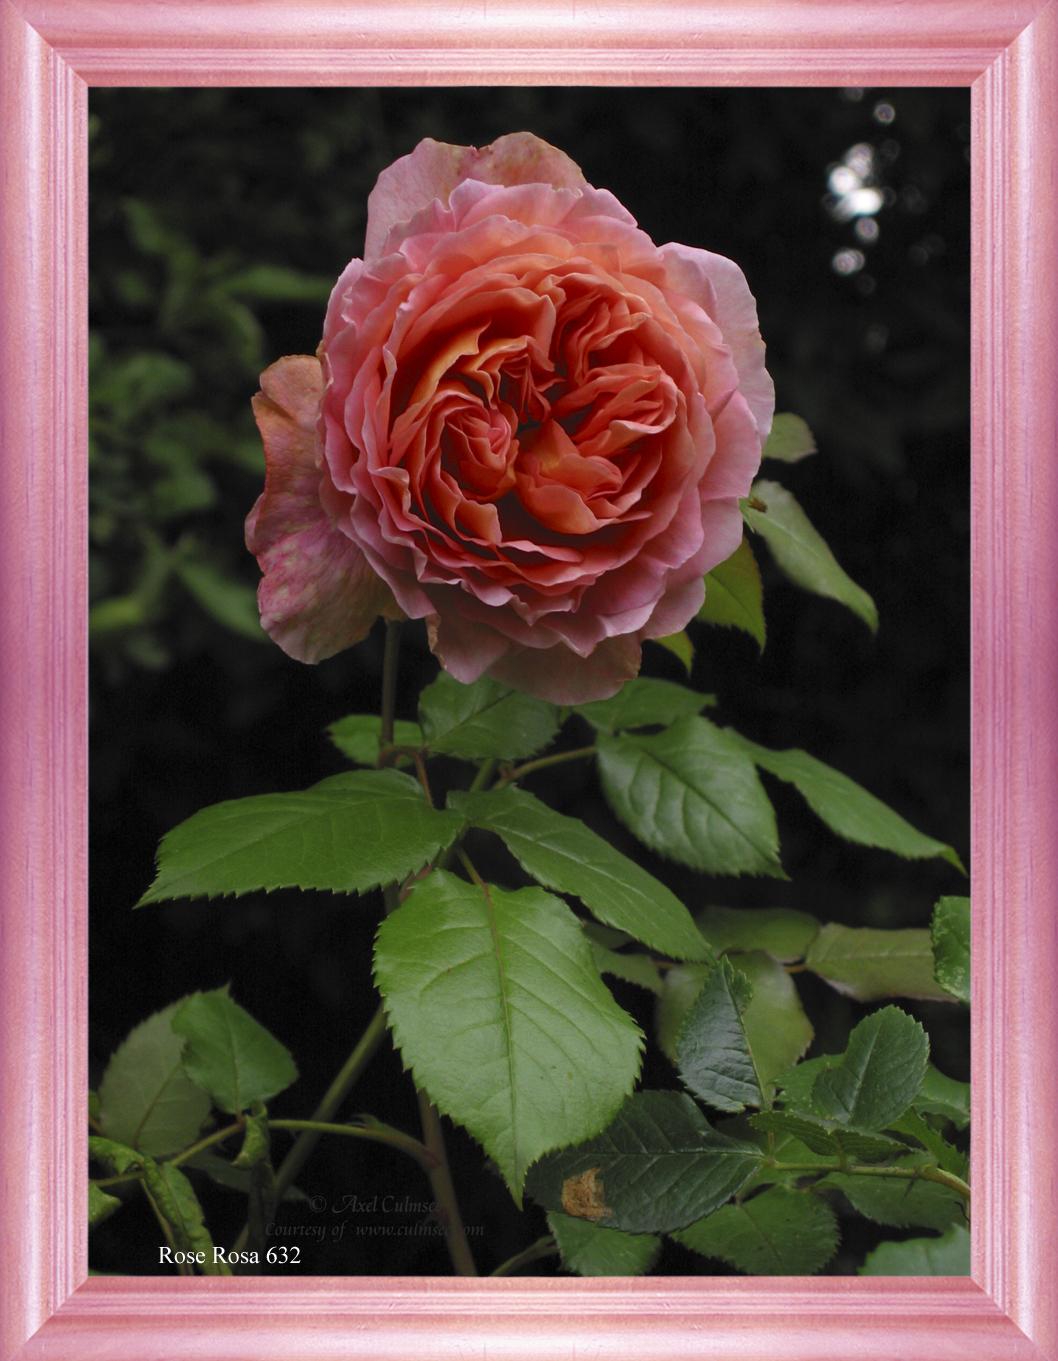 Rose Rosa 632